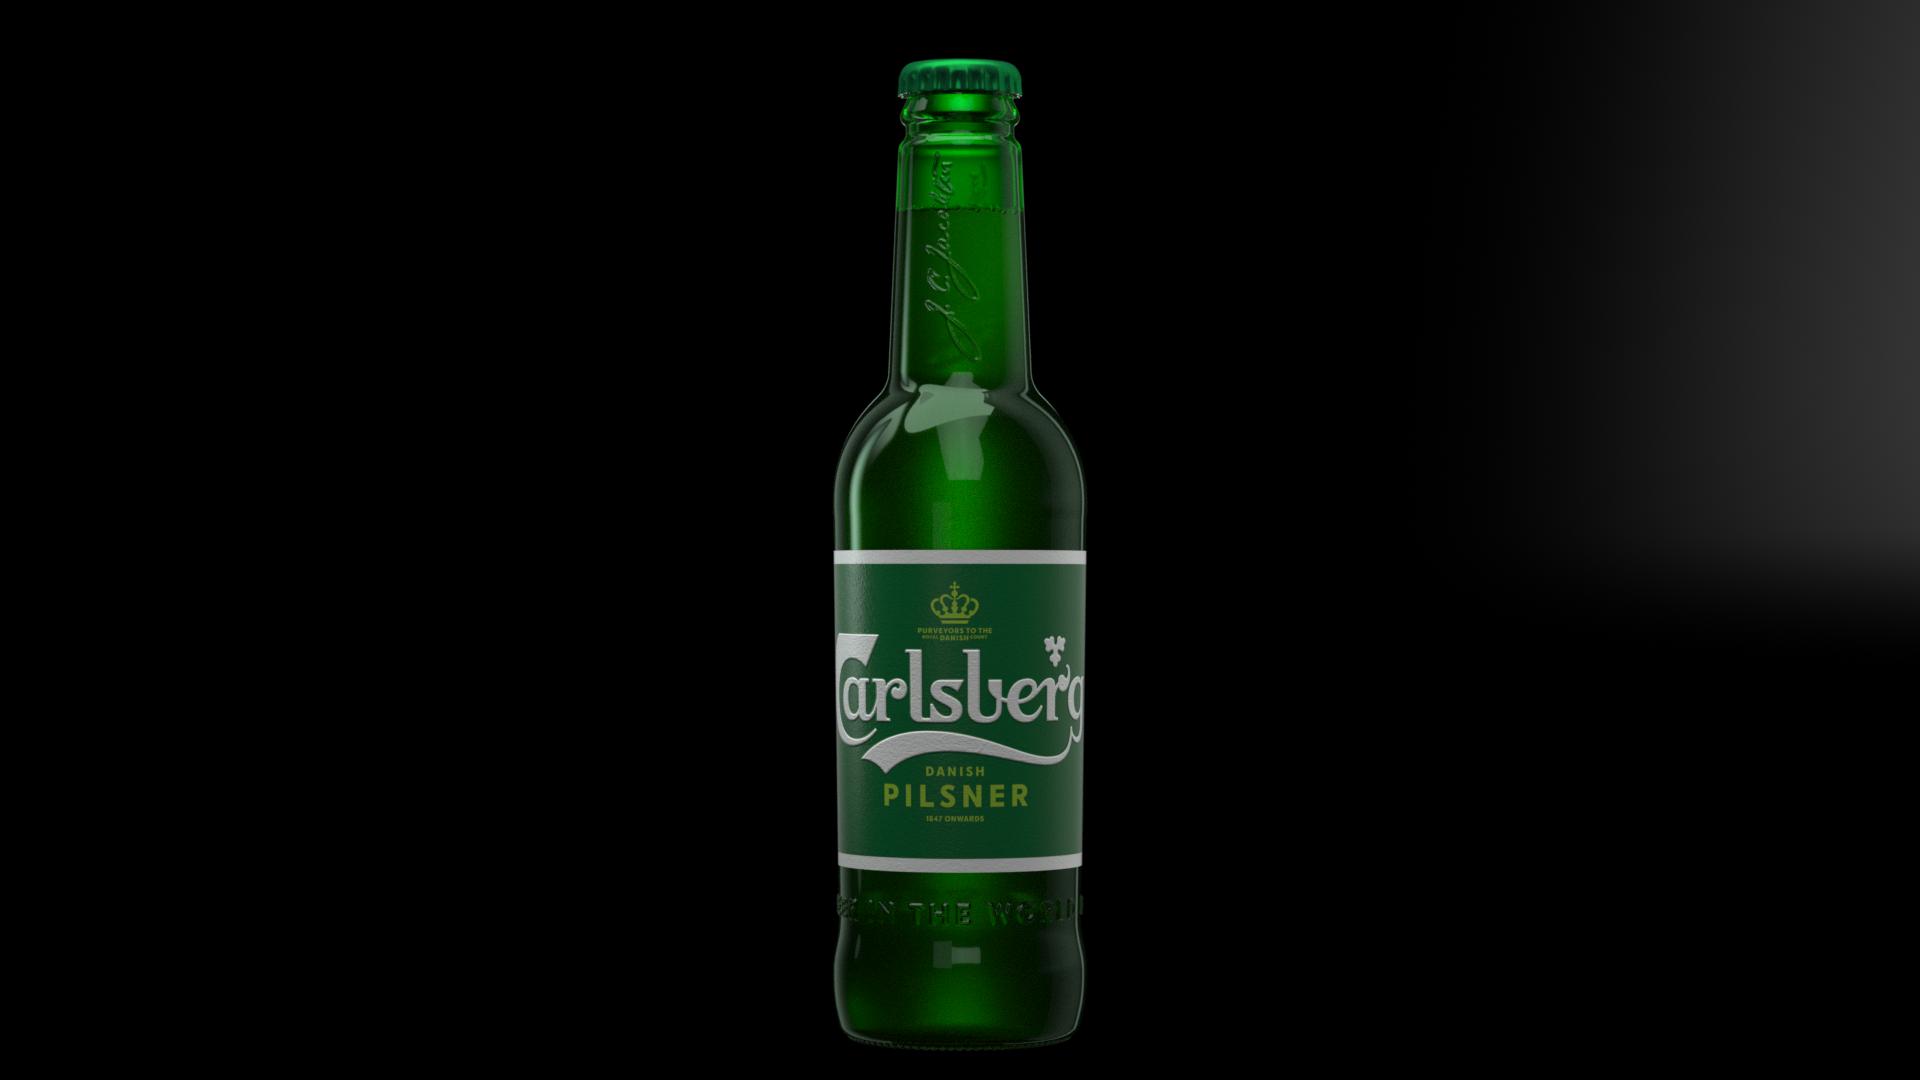 Carlsberg pilsner bottle_Front